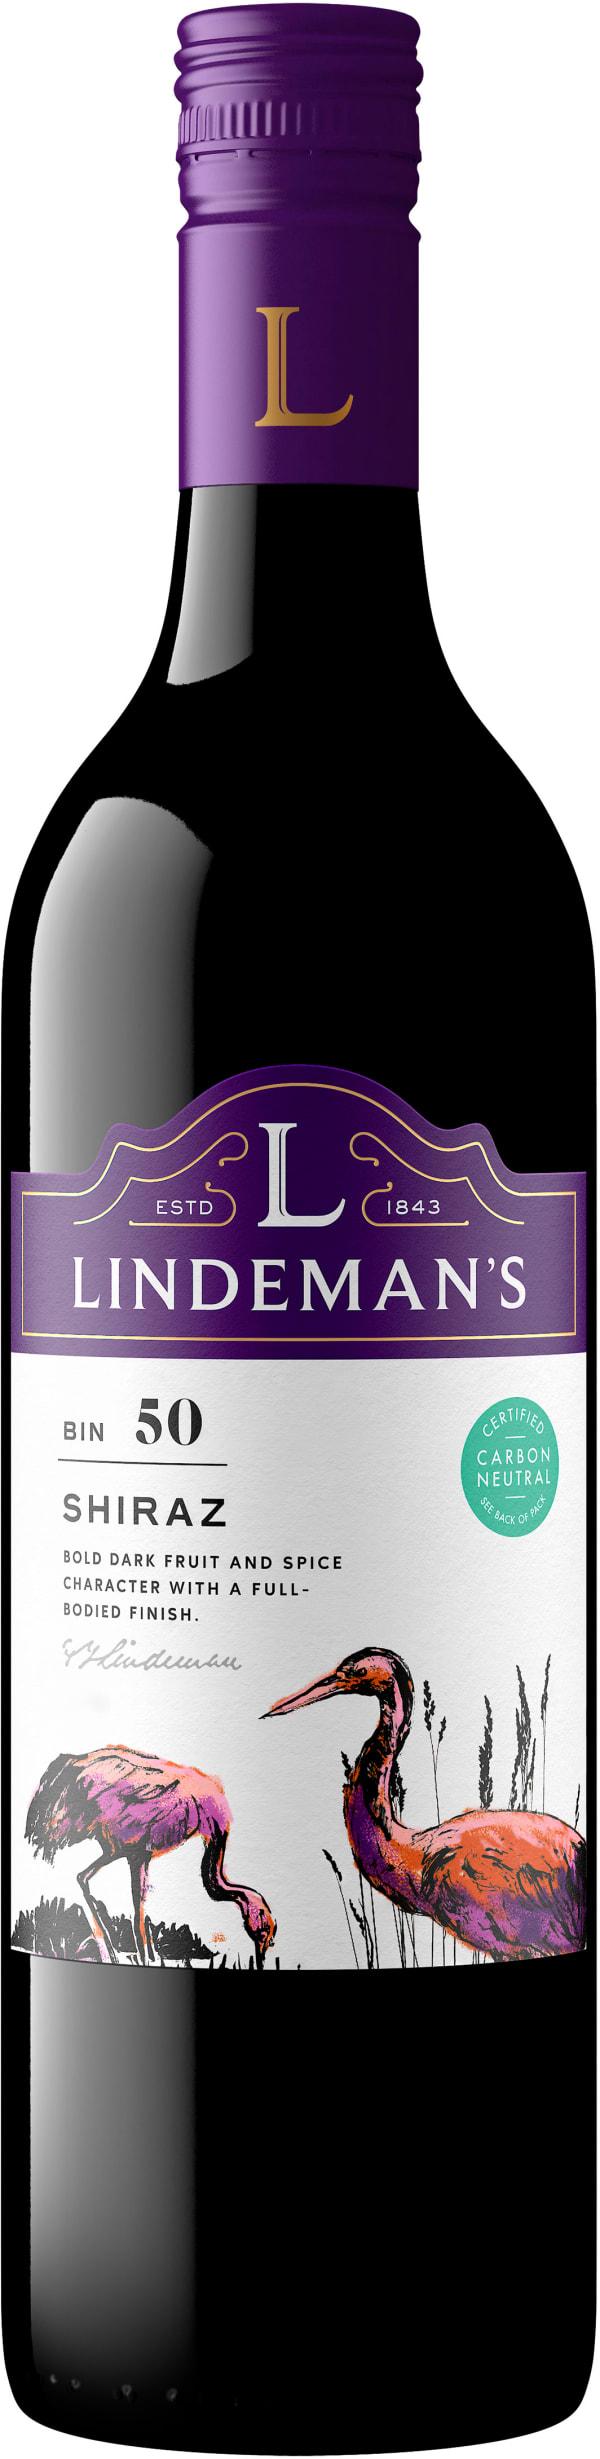 Lindeman's Bin 50 Shiraz 2019